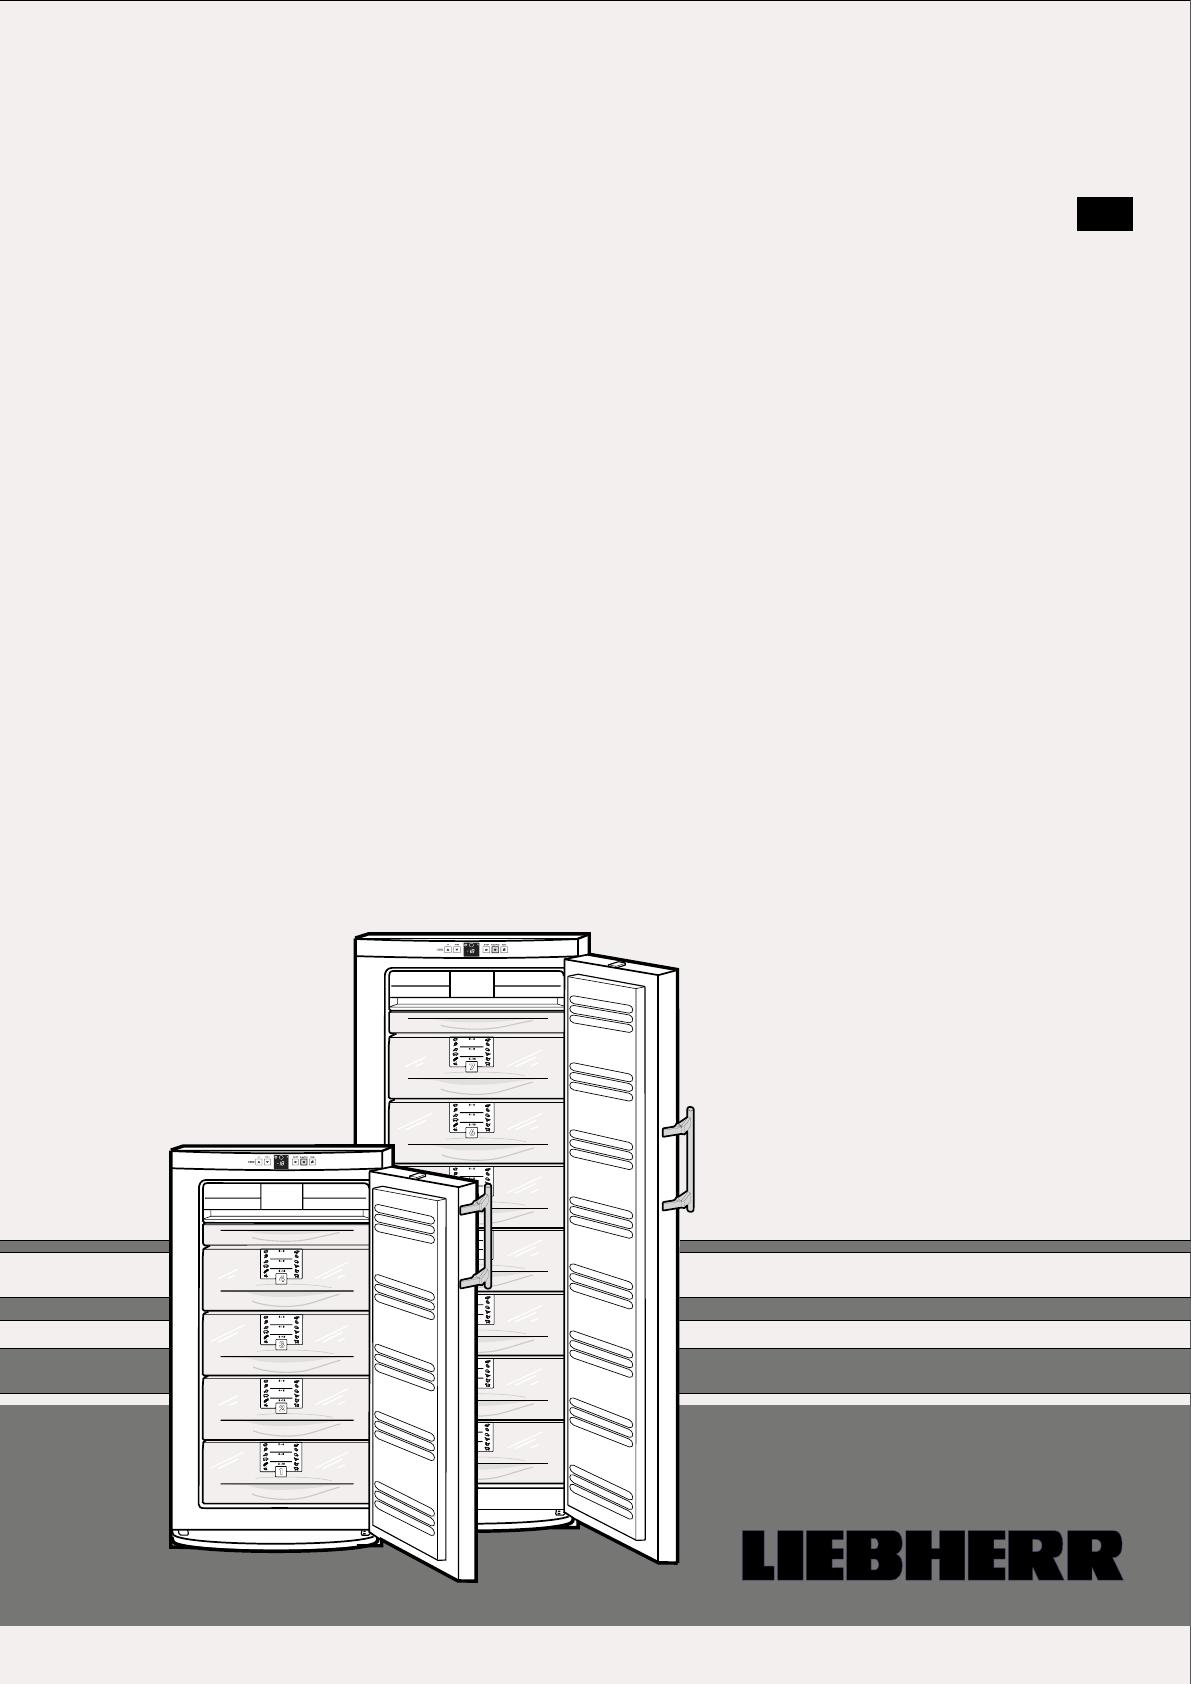 hight resolution of liebherr wiring diagram